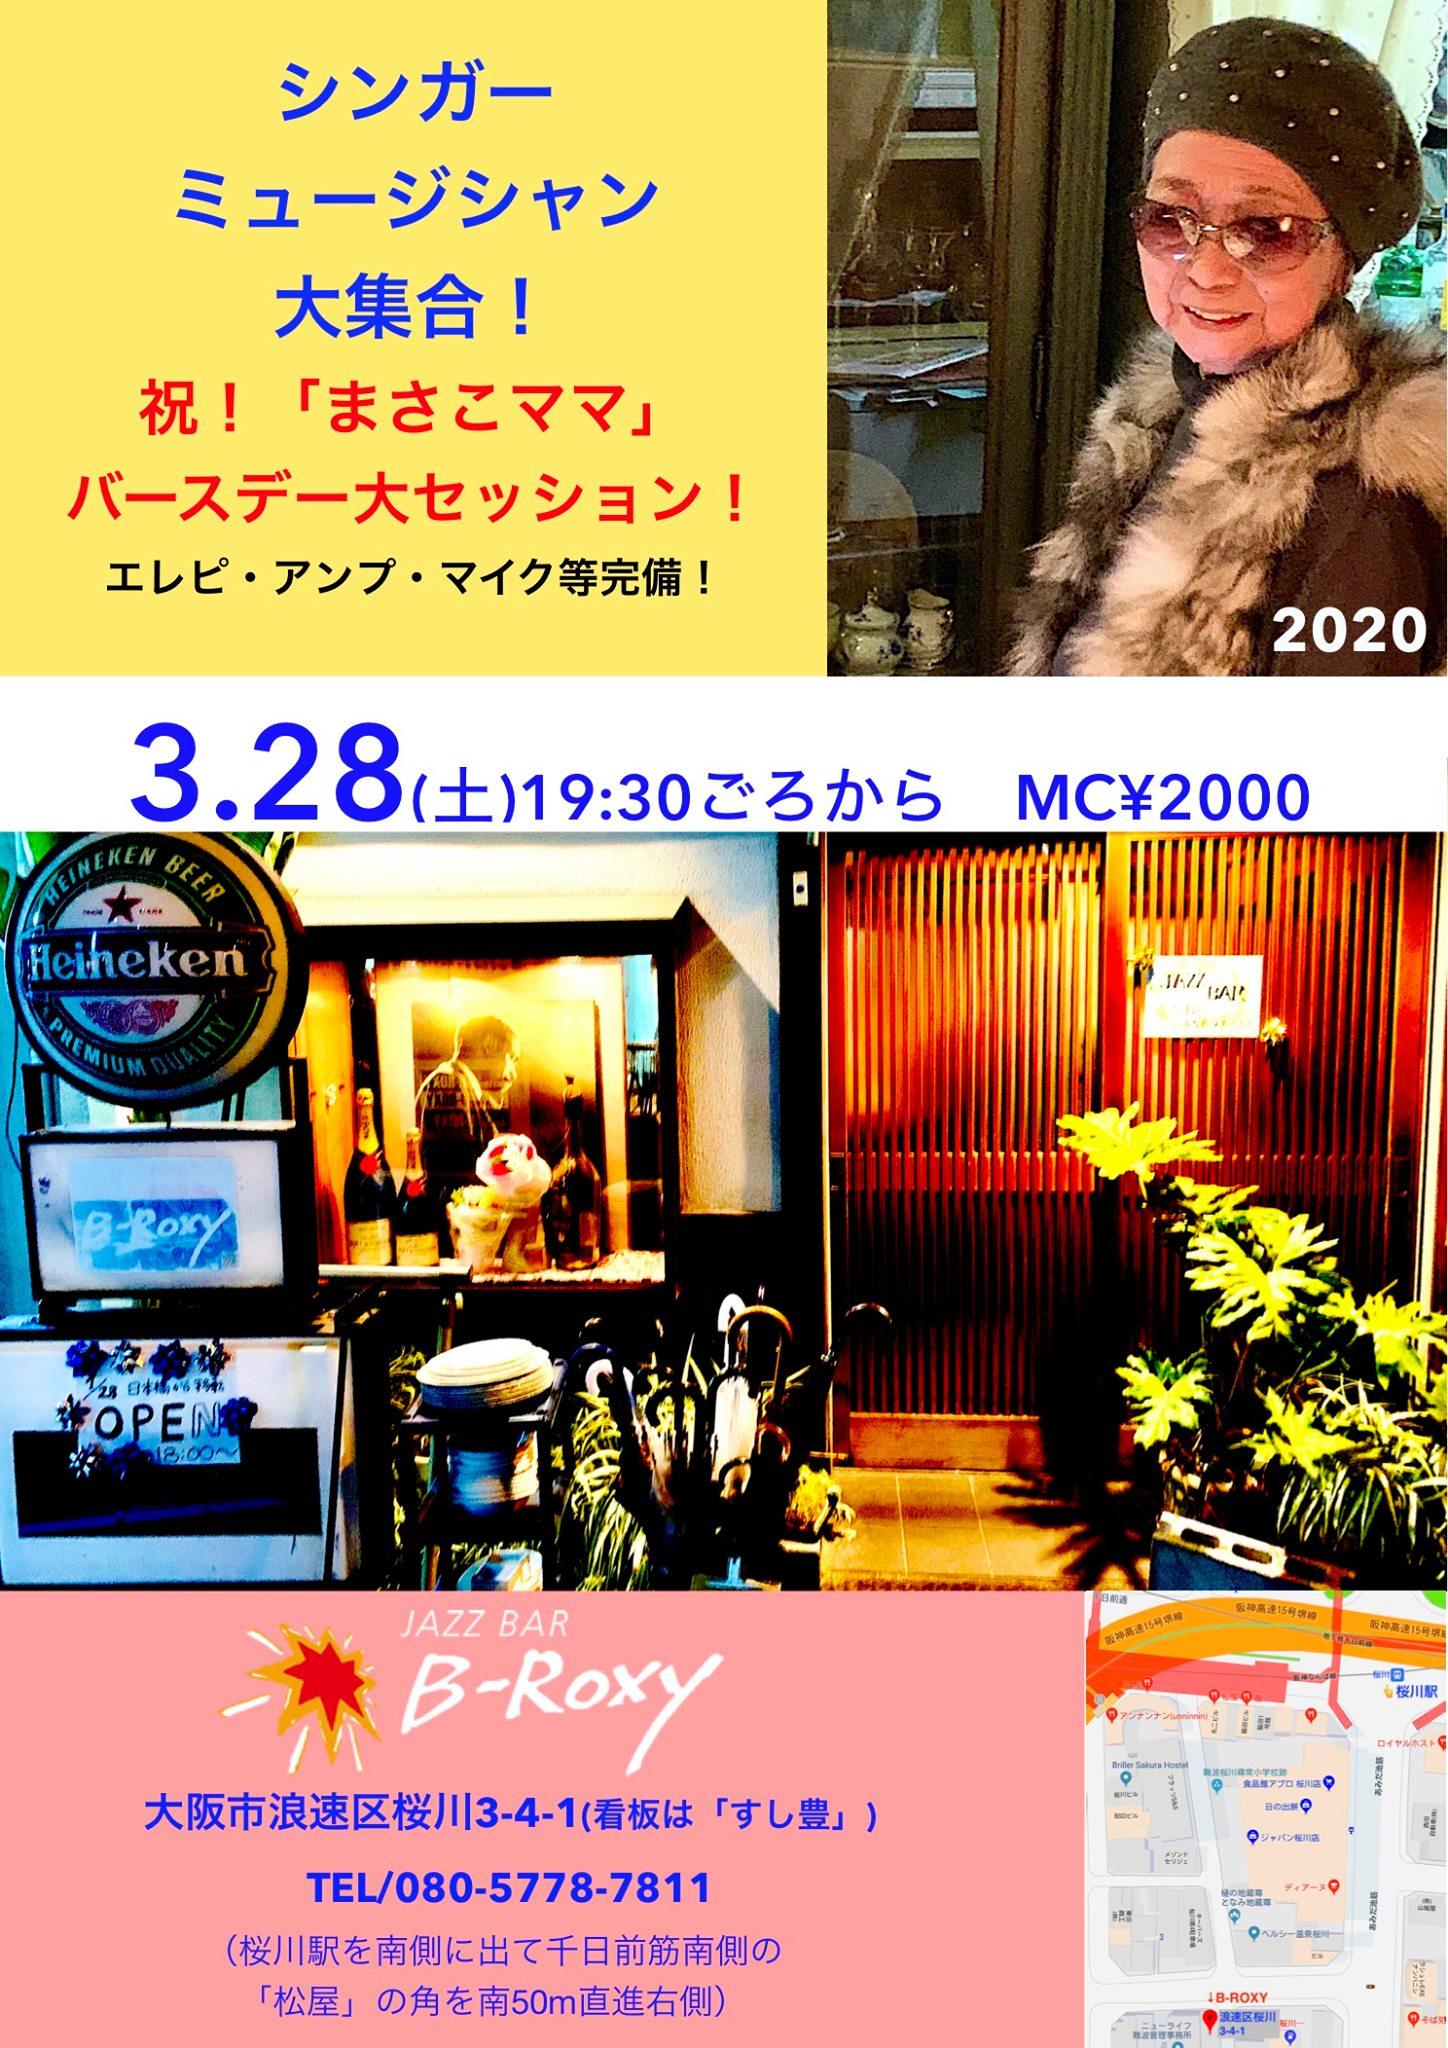 3月28日(土)B-Roxy桜川 政子ママ🎂バースデーセッション🎵